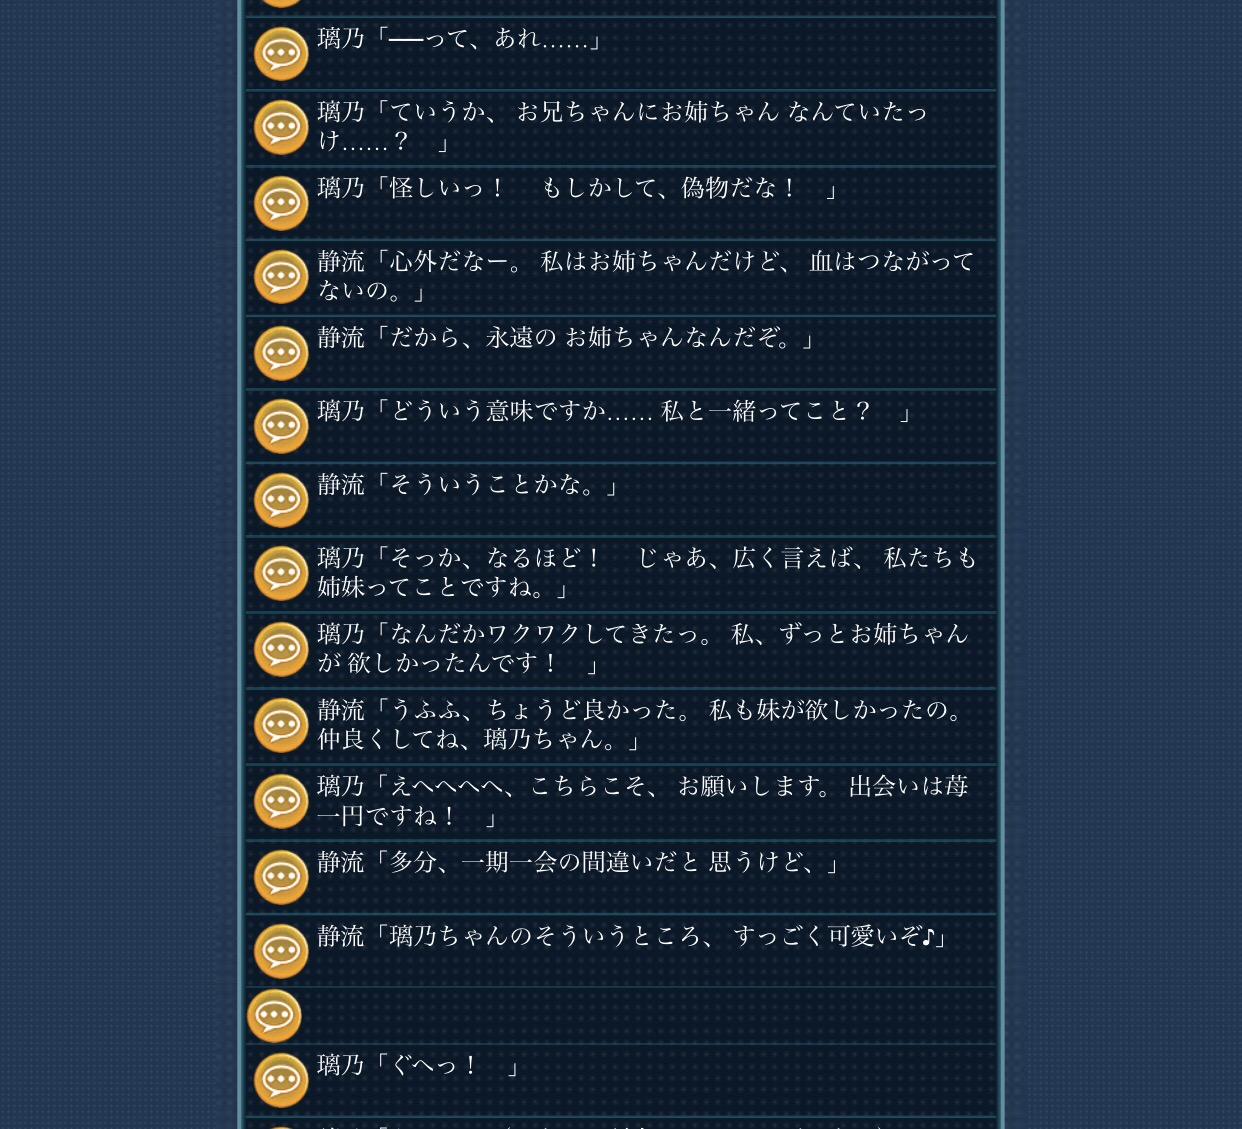 3T4Skpe - プリコネのユニちゃん(現実のすがた)「あはは、うそうそかわいい。わろたわろた。」